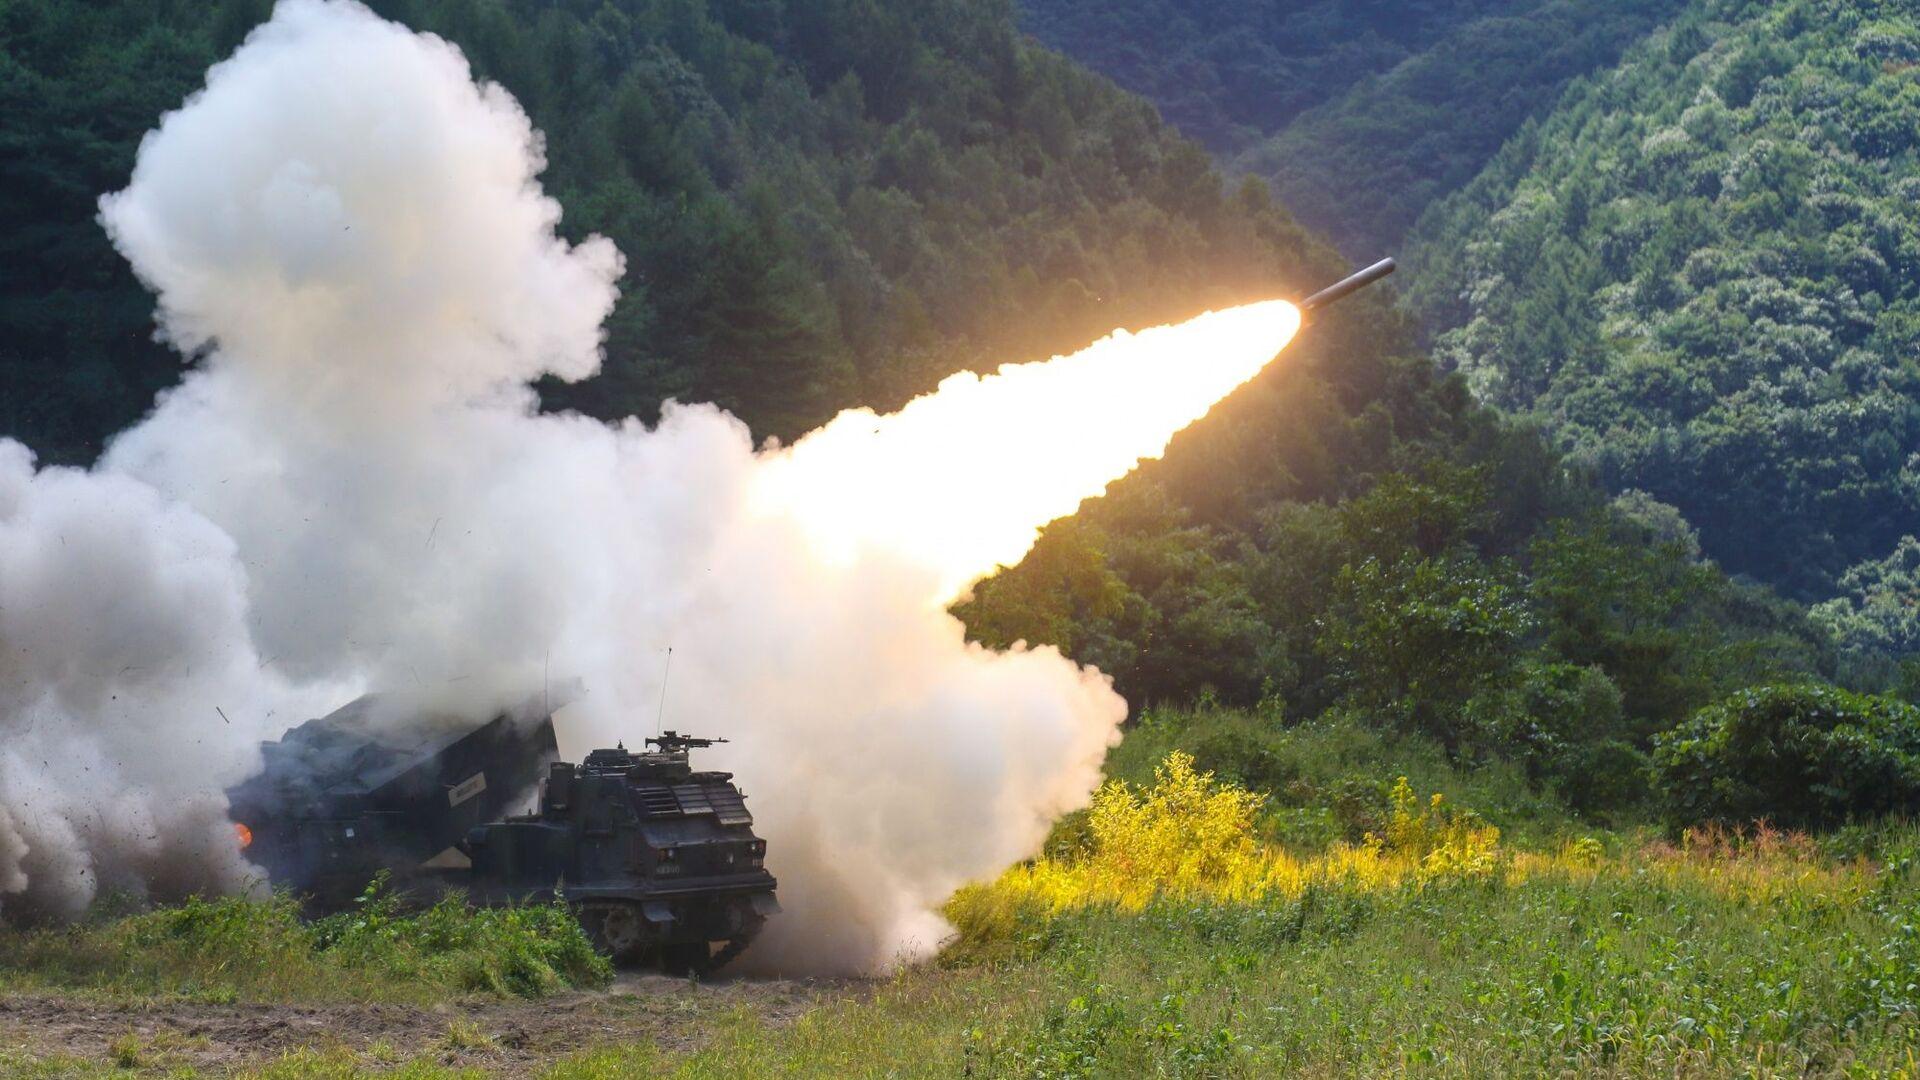 Amerykańska uniwersalna wyrzutnia do odpalania rakiet taktycznych M270 podczas testów w Korei Południowej - Sputnik Polska, 1920, 07.09.2021